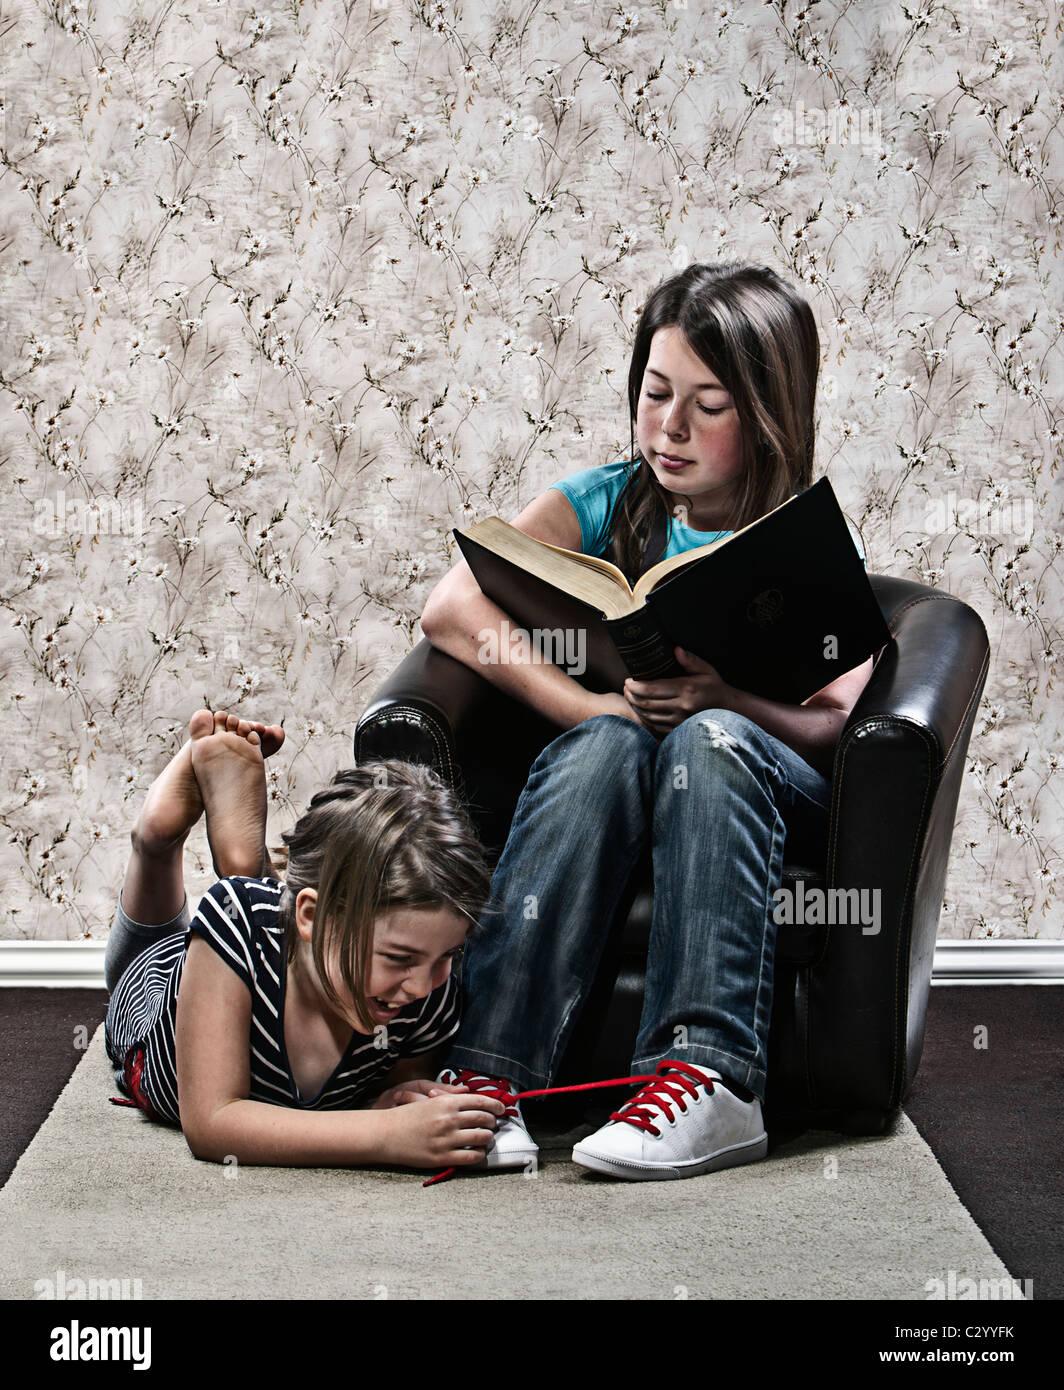 Ragazza passalacci di legatura della sorella mentre lei legge un libro Immagini Stock